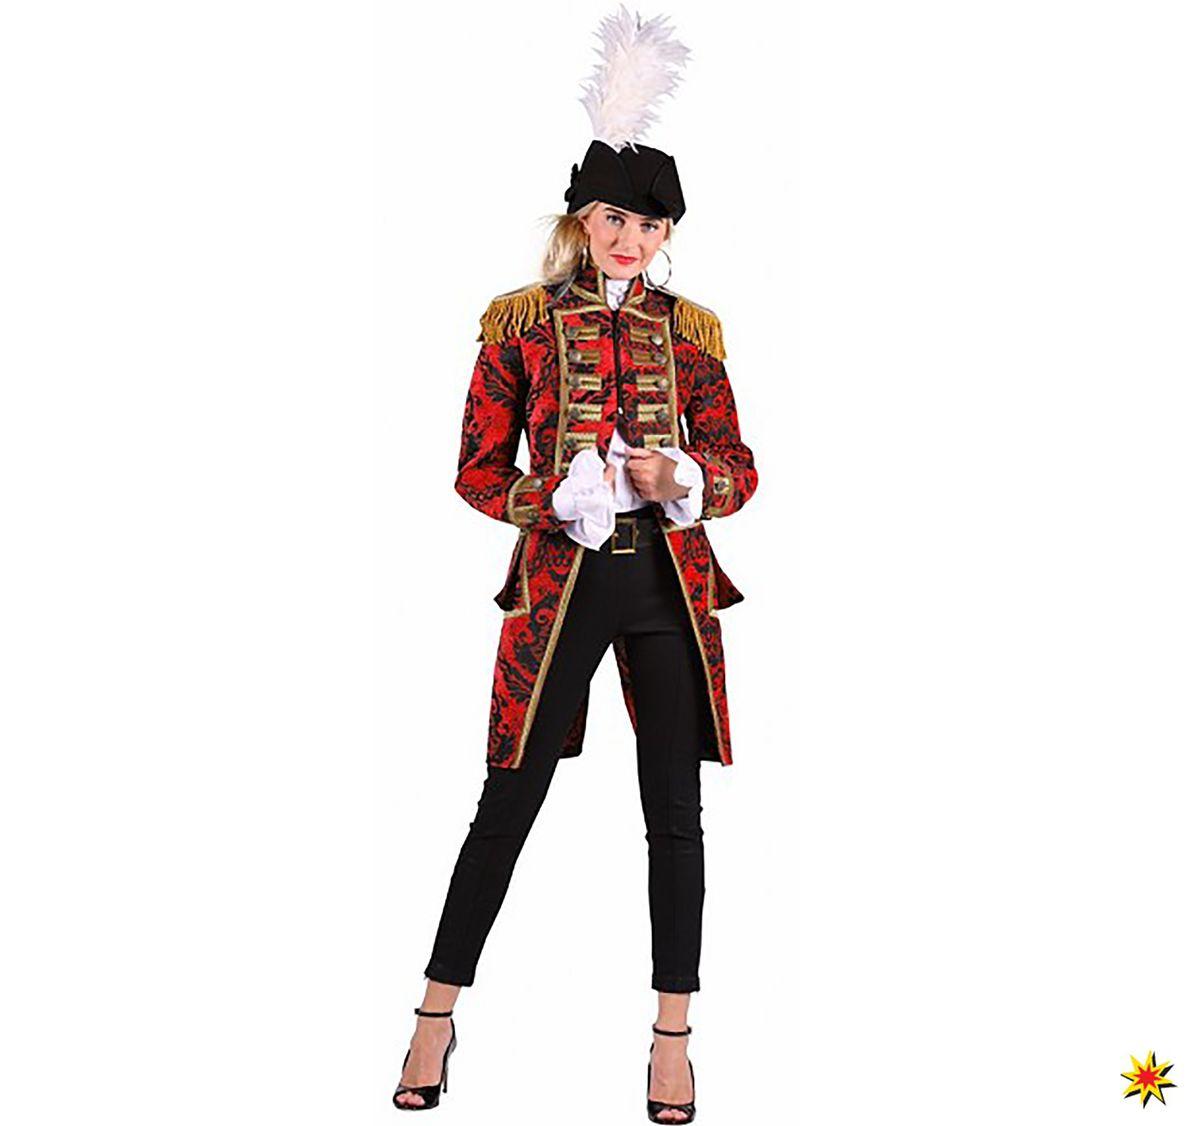 Damen Gardefrack Ornamente Rot Grosse M